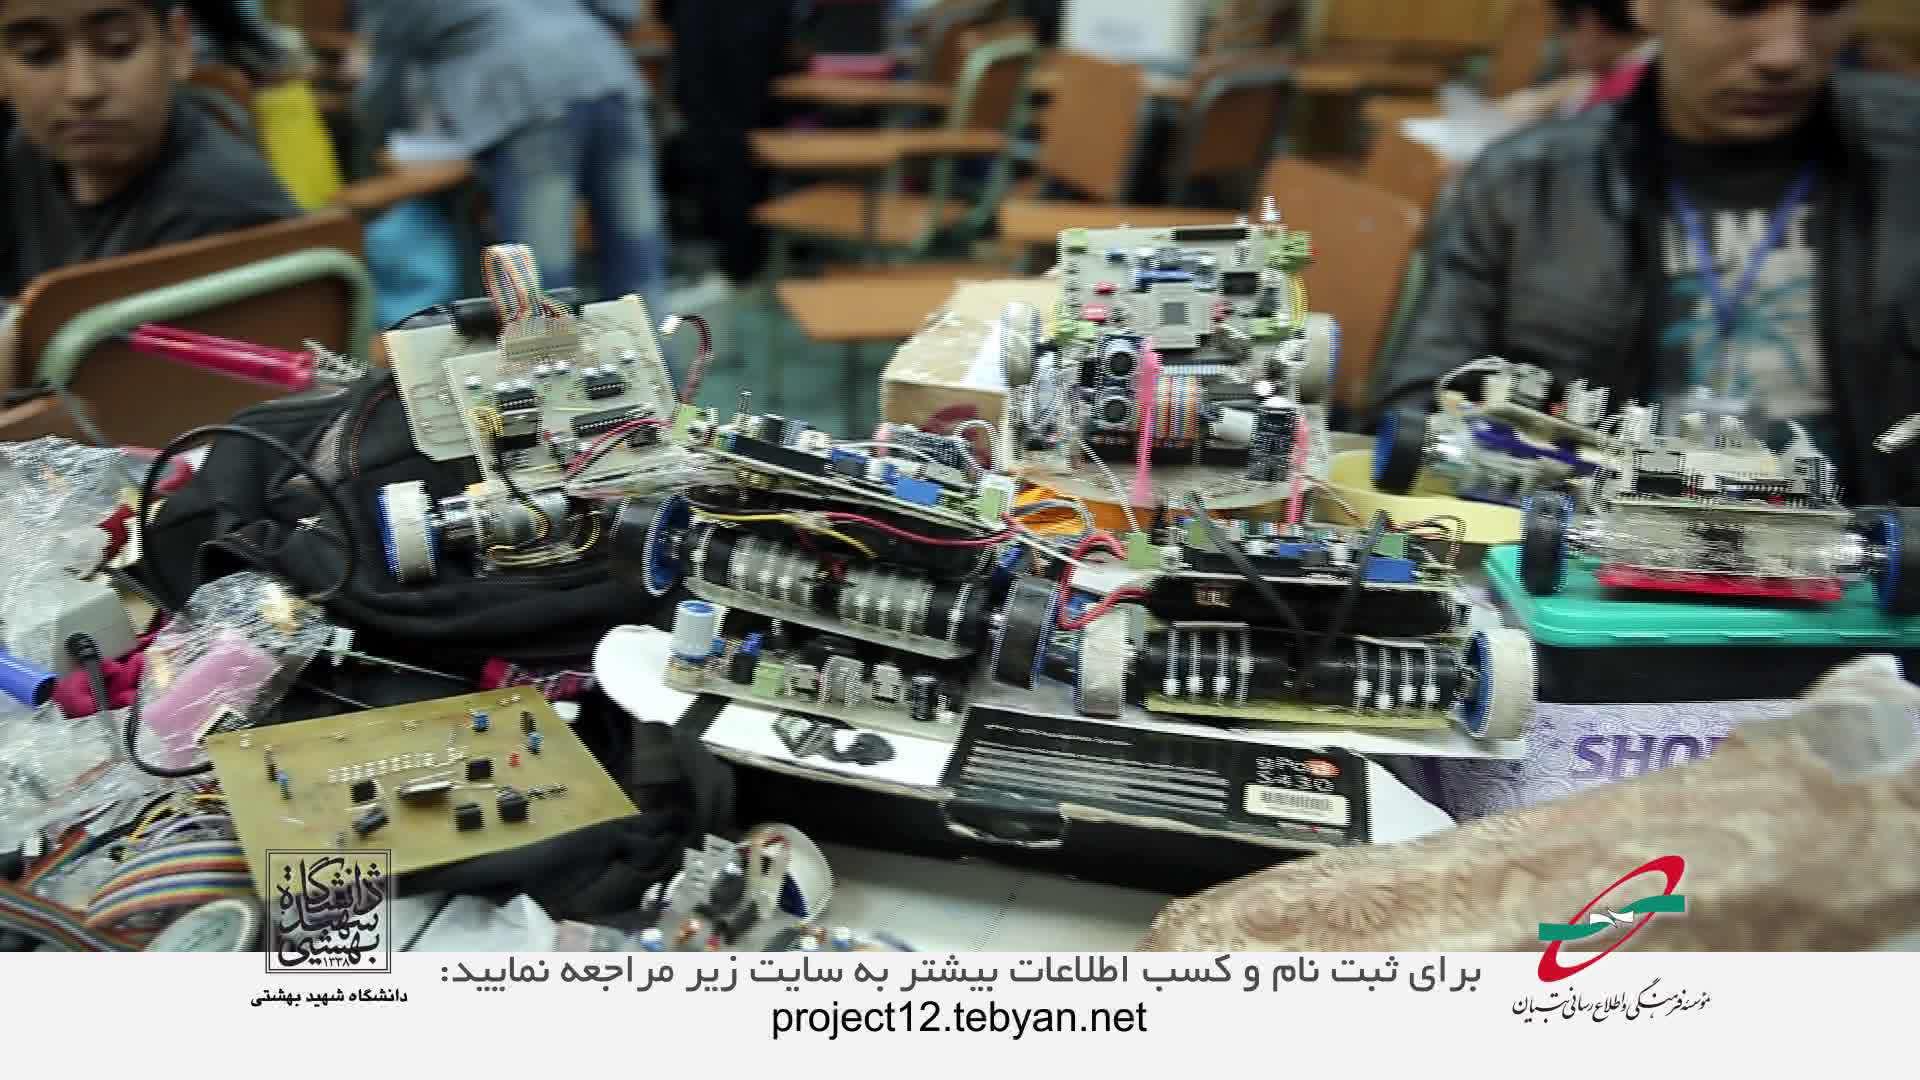 دوازدهمین جشنواره پروژه های دانش آموزی تبیان